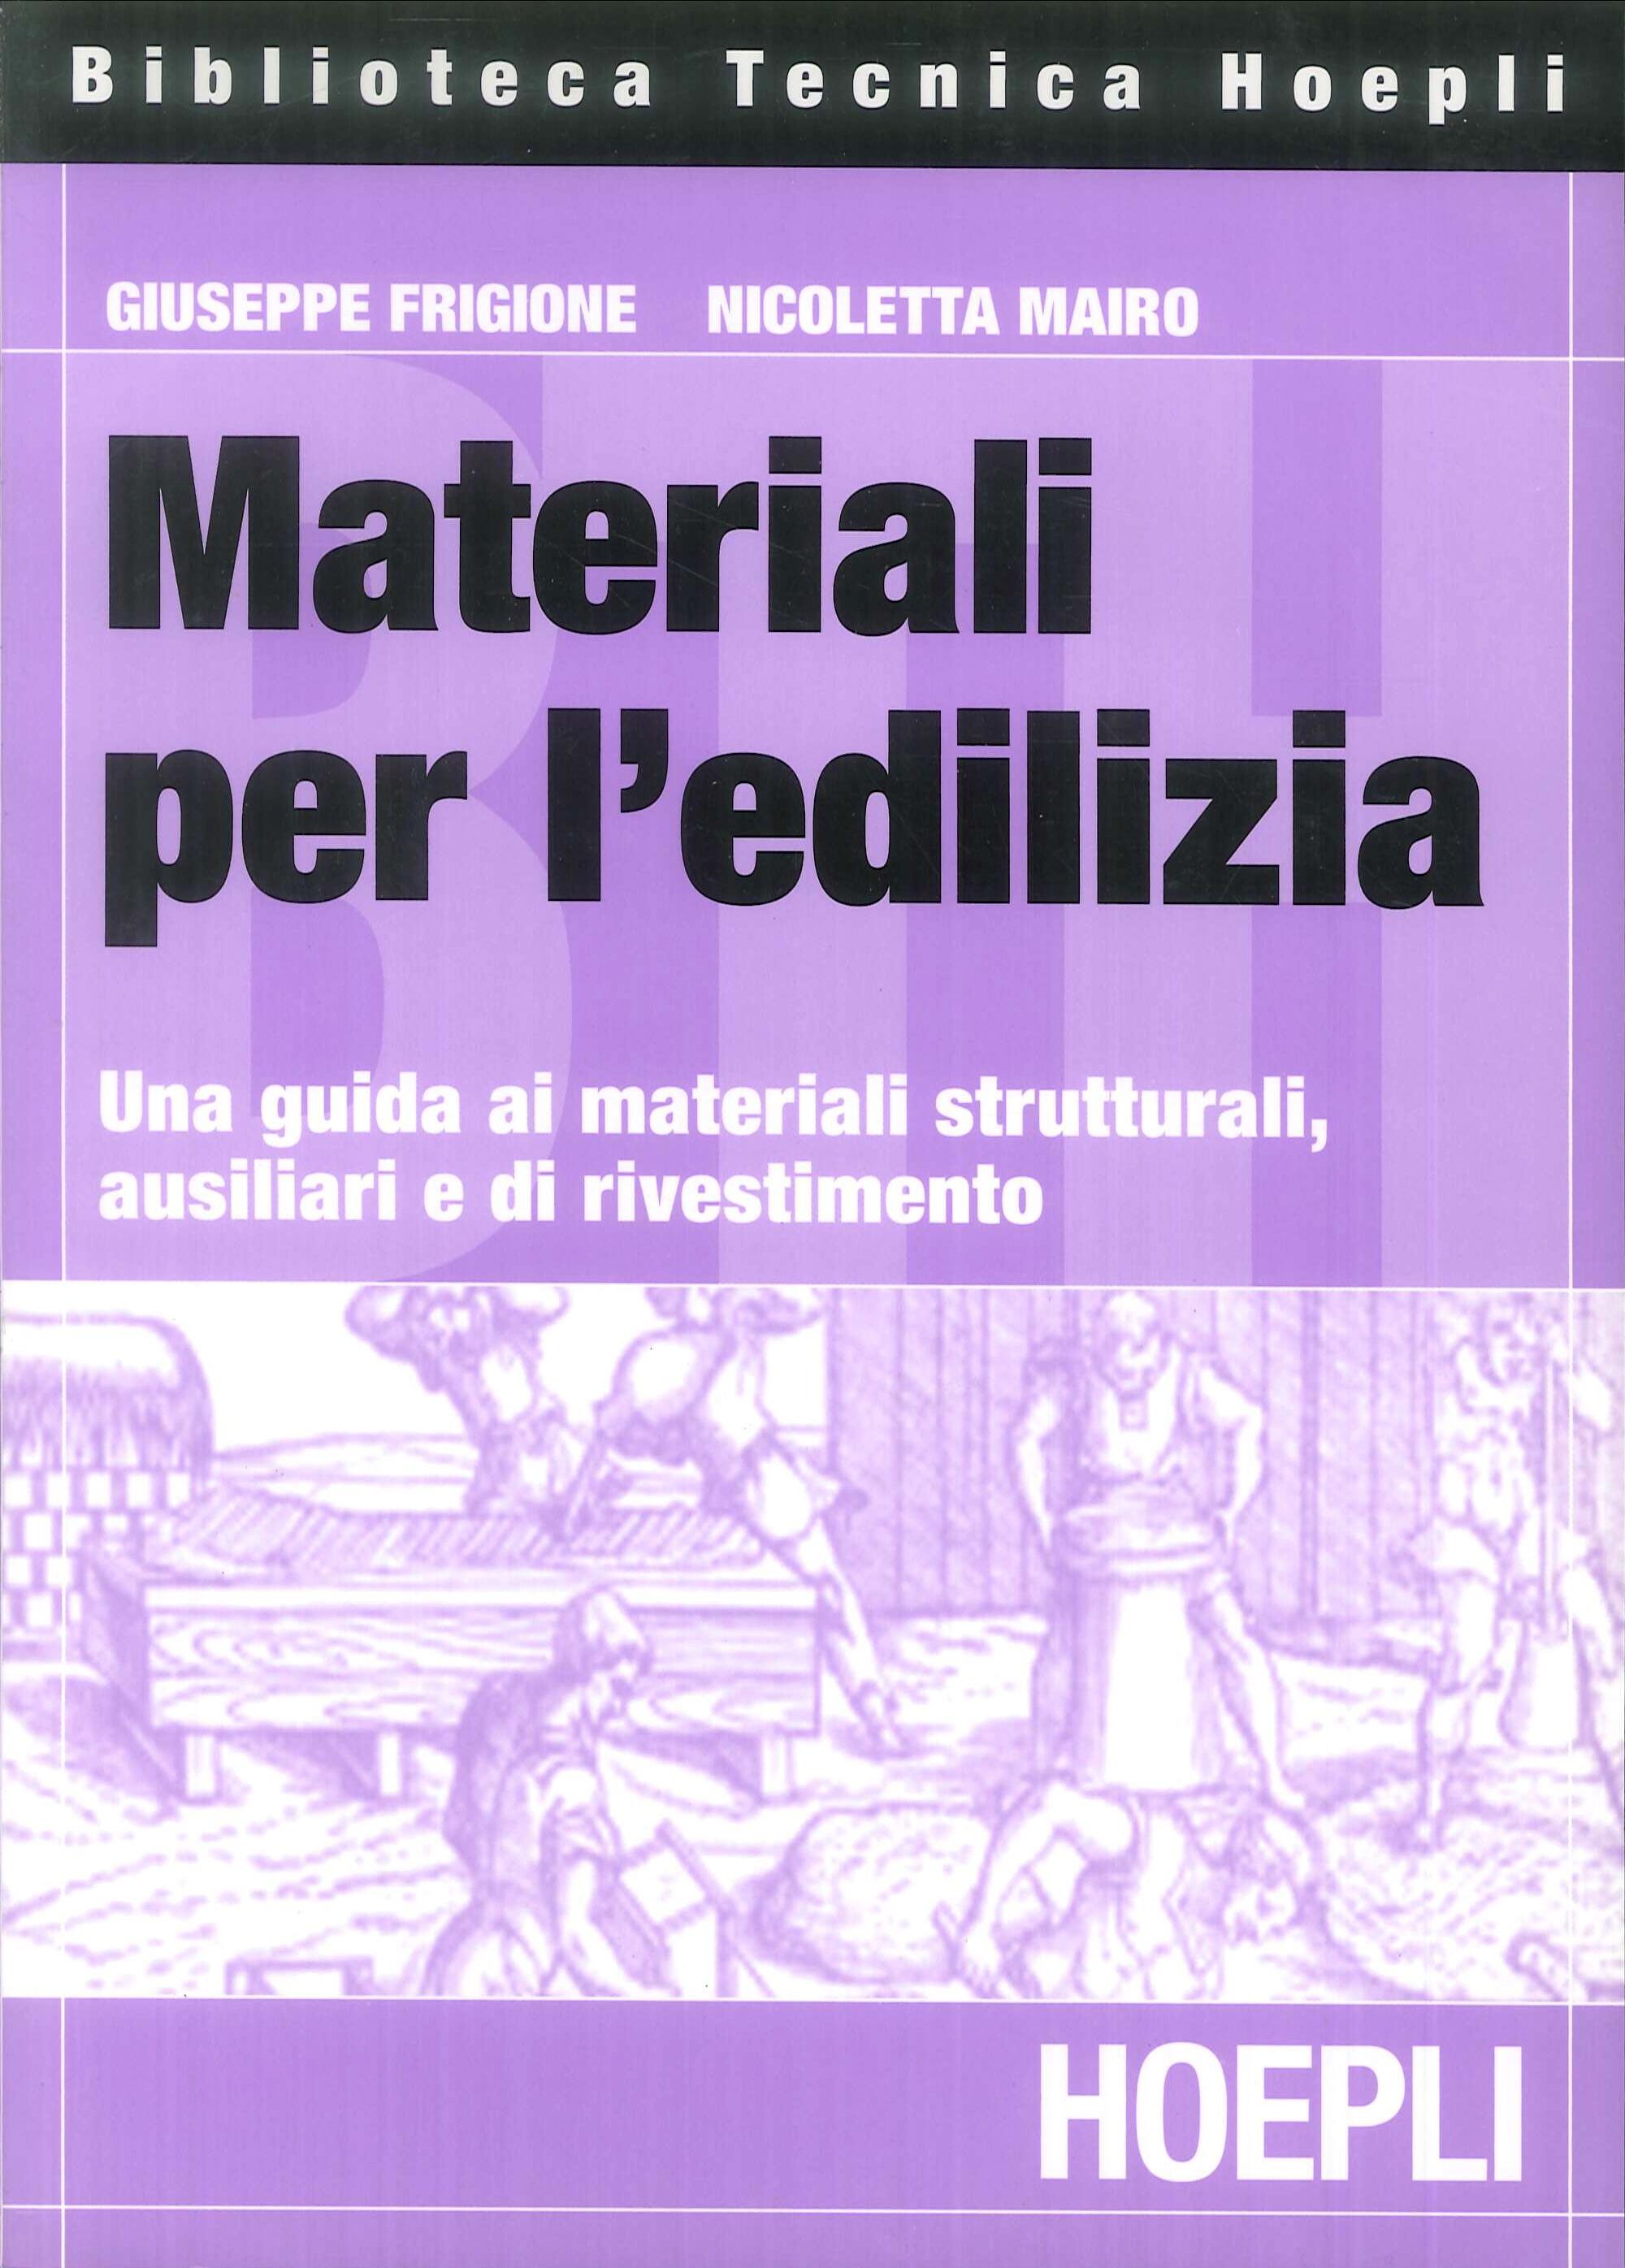 Materiali per l'edilizia. Una guida ai materiali strutturali, ausiliari e di rivestimento